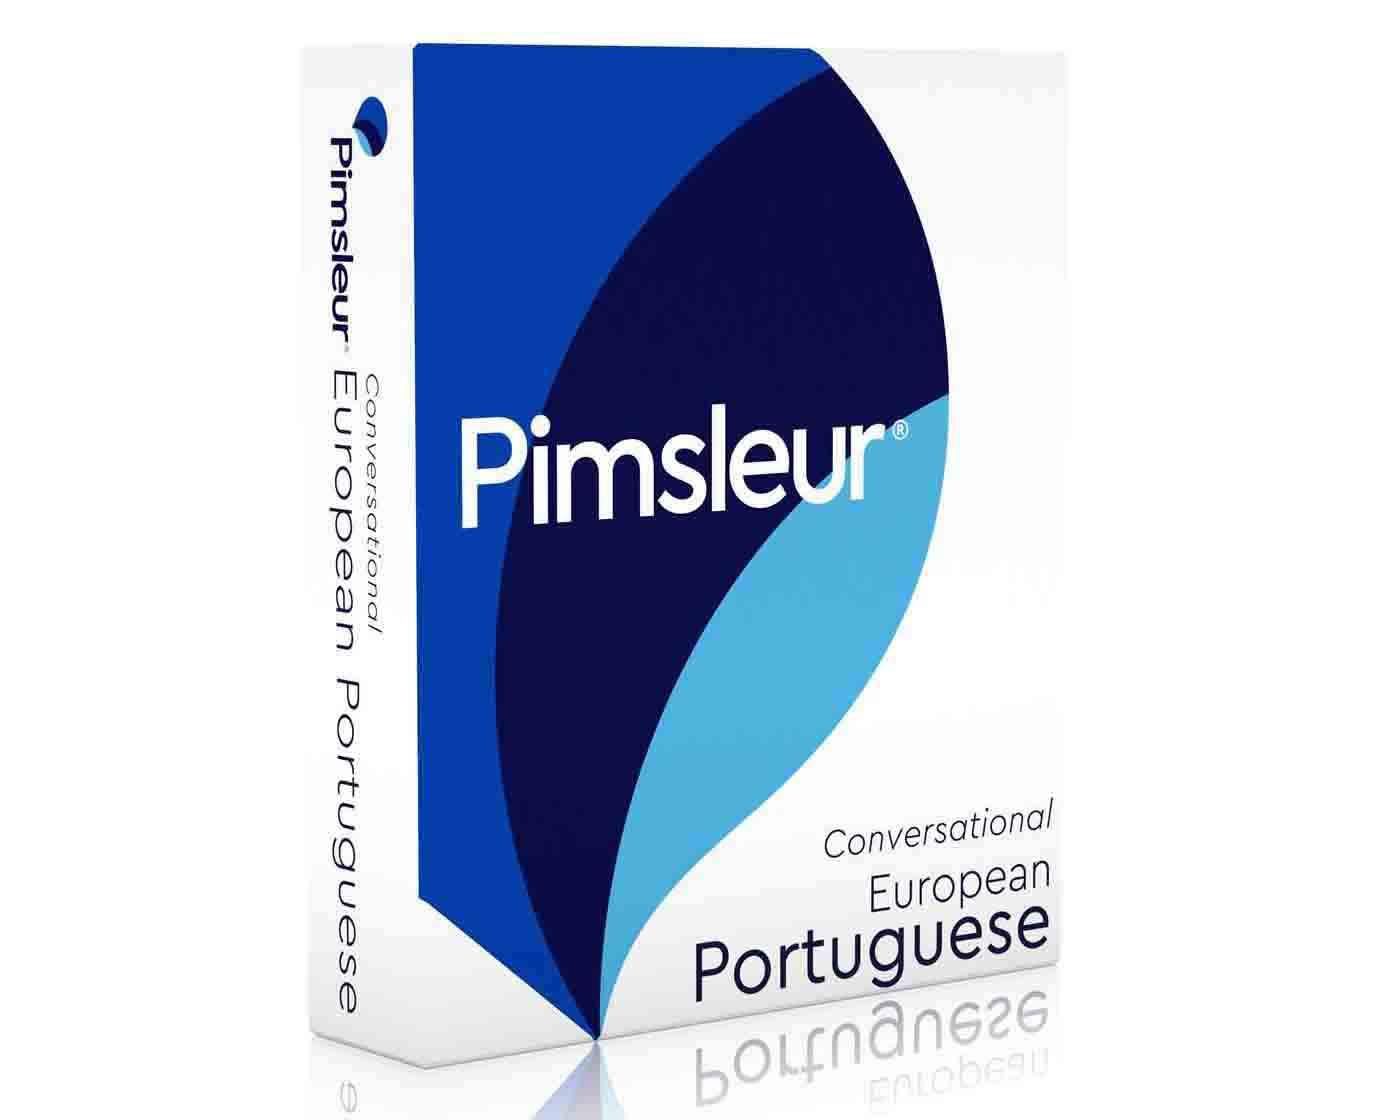 Pimsleur European Portuguese